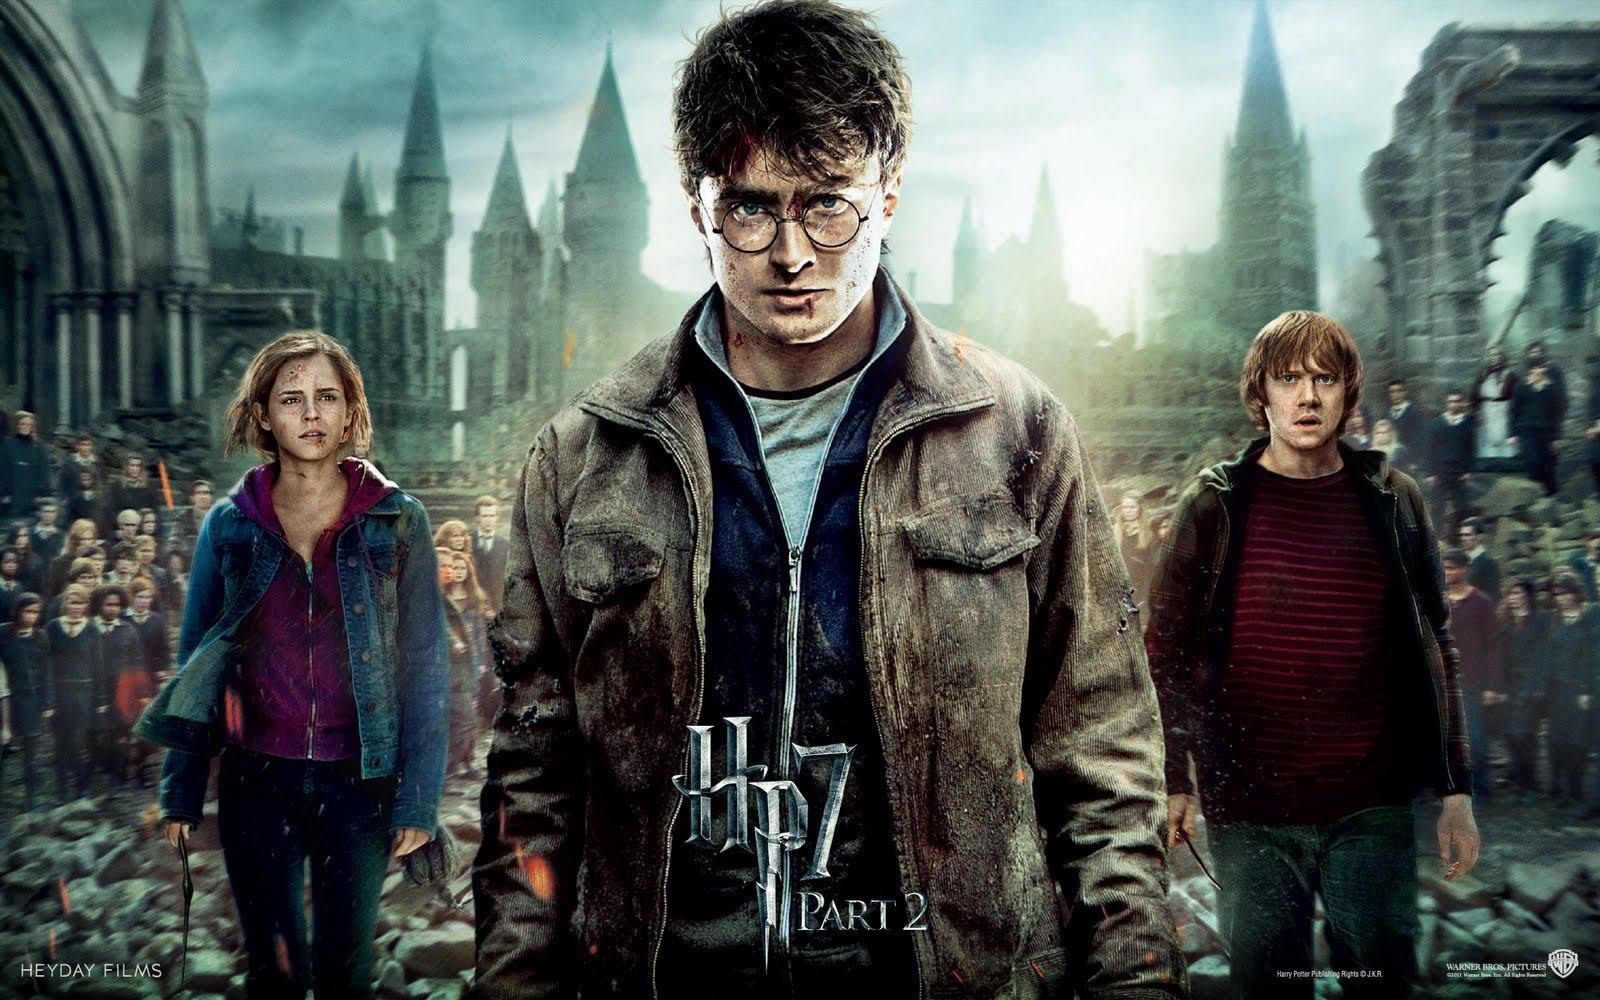 Harry Potter e as Relíquias da Morte: Parte 2 Torrent – BluRay Rip 1080p Dual Áudio (2011)